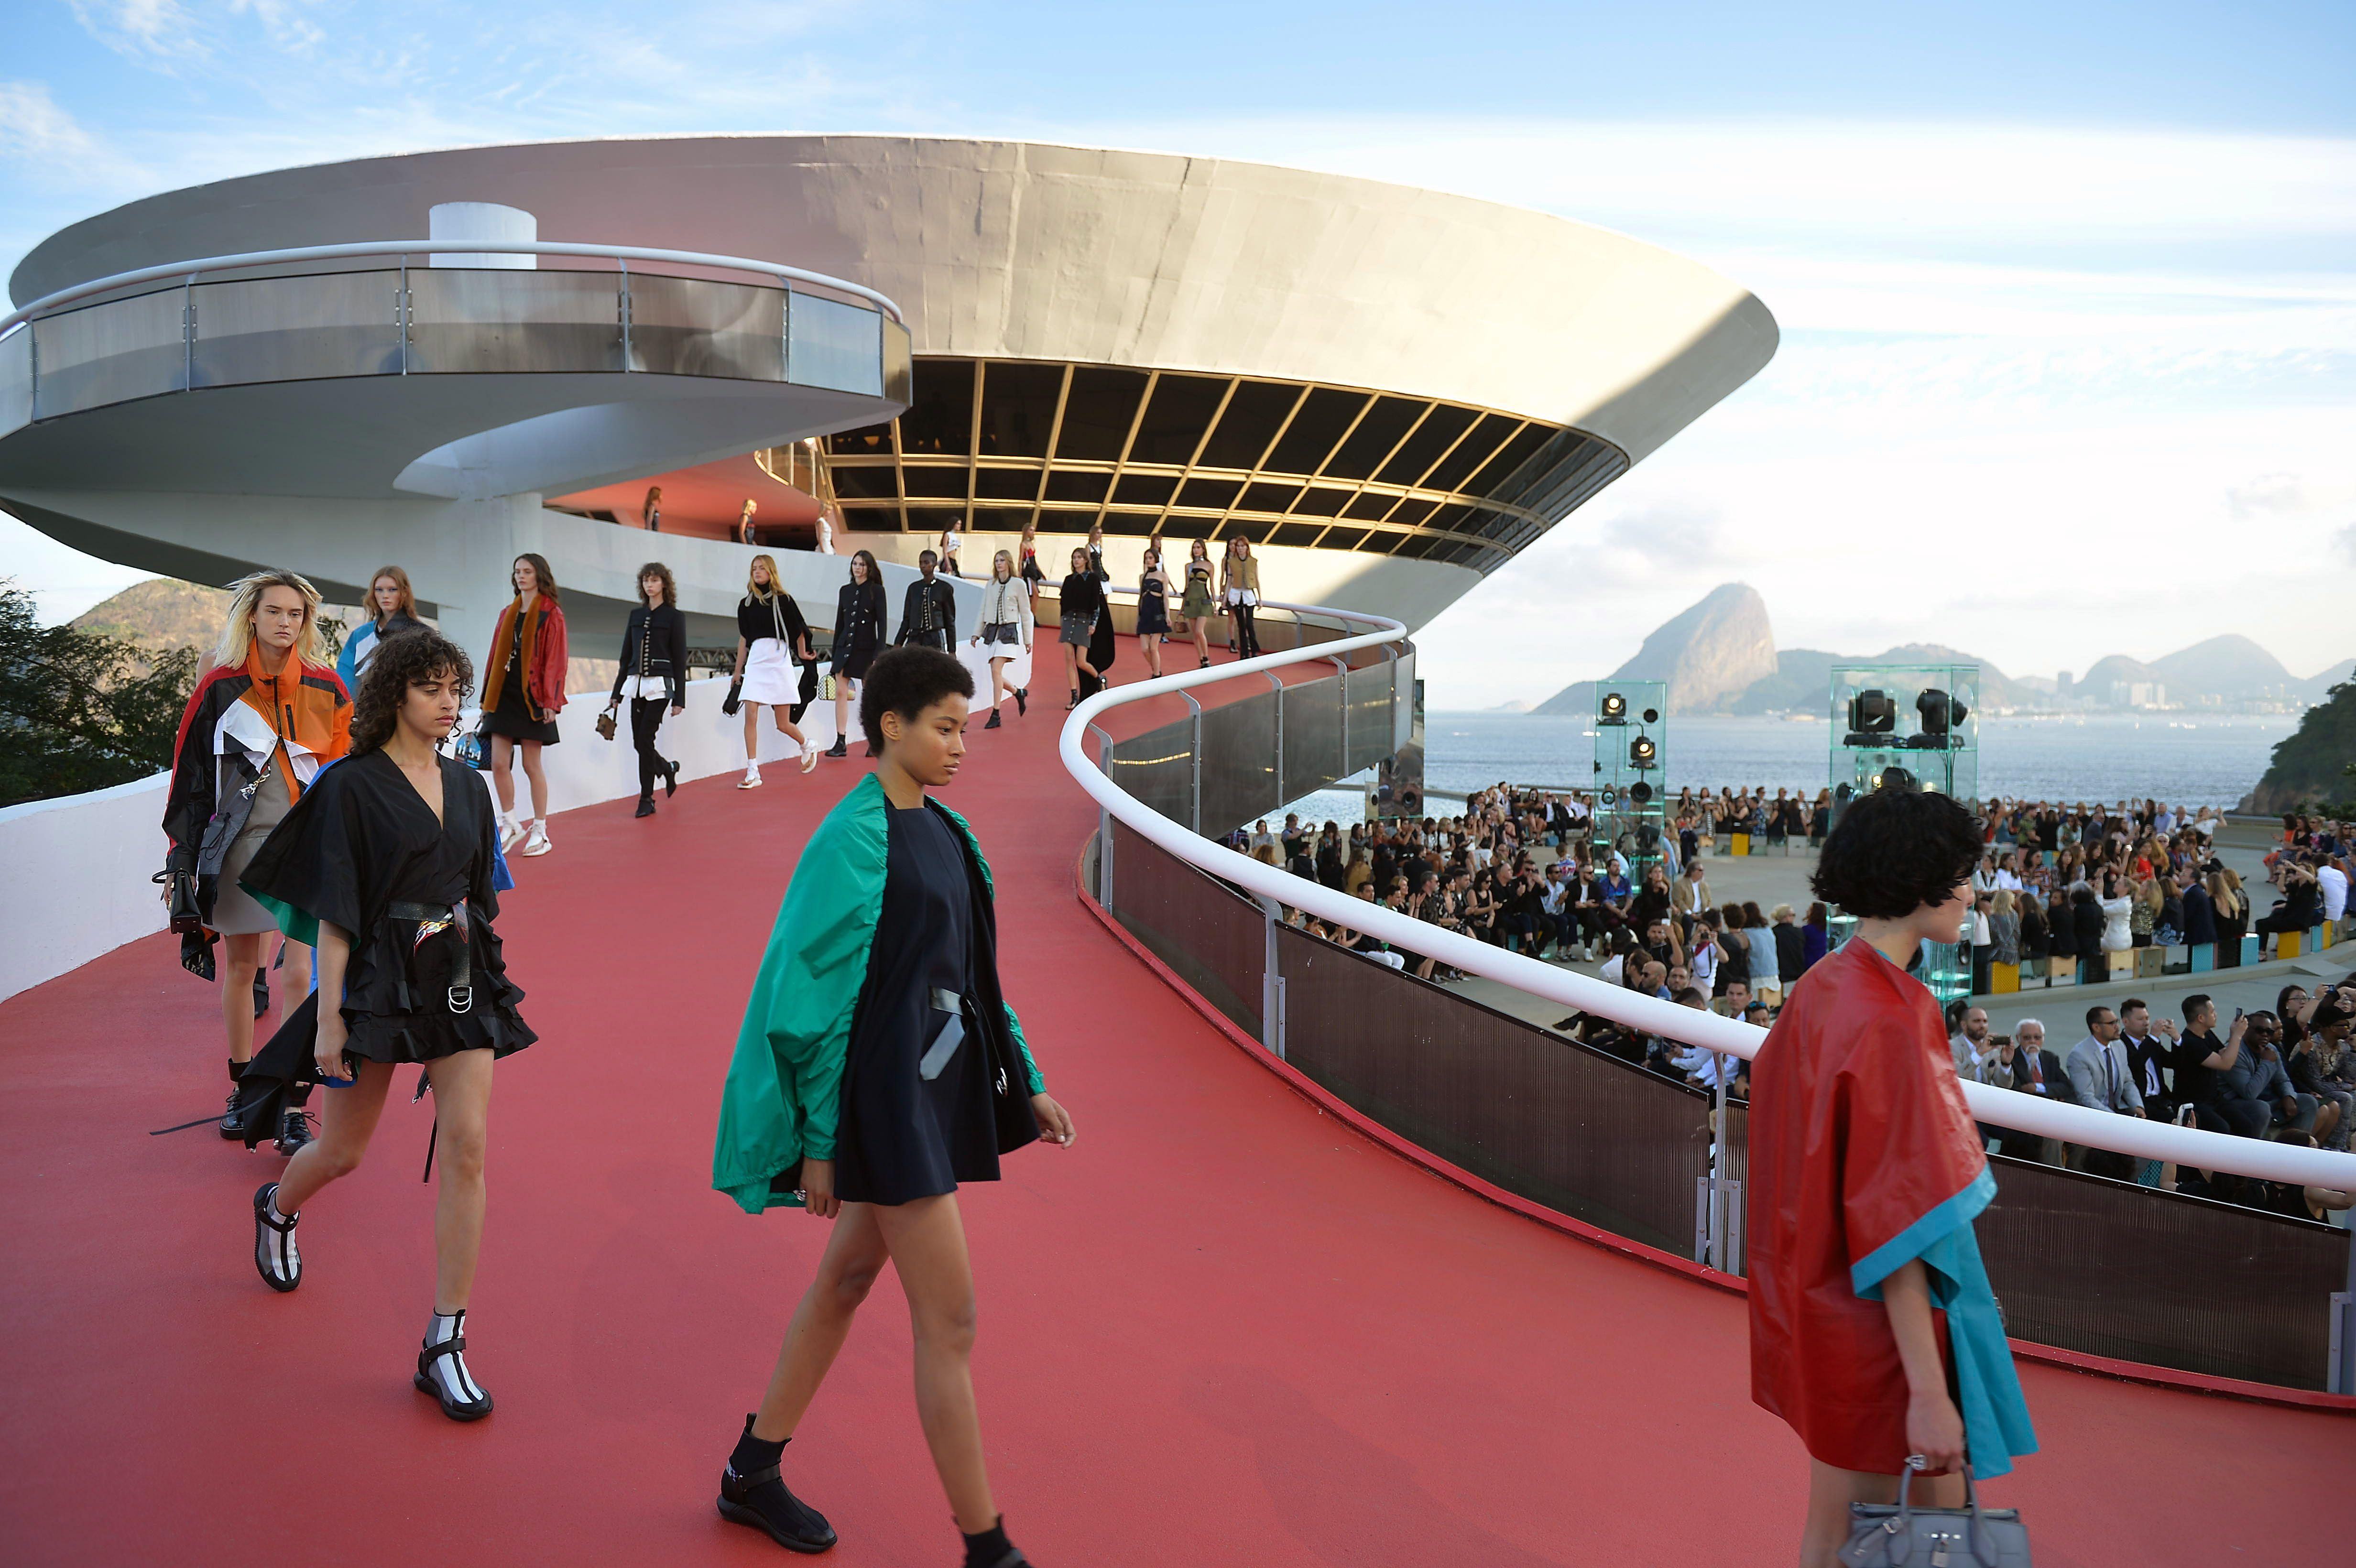 Louis Vuitton's Cruise 2017 Collectionin show in Rio De Janeiro, Brazil.